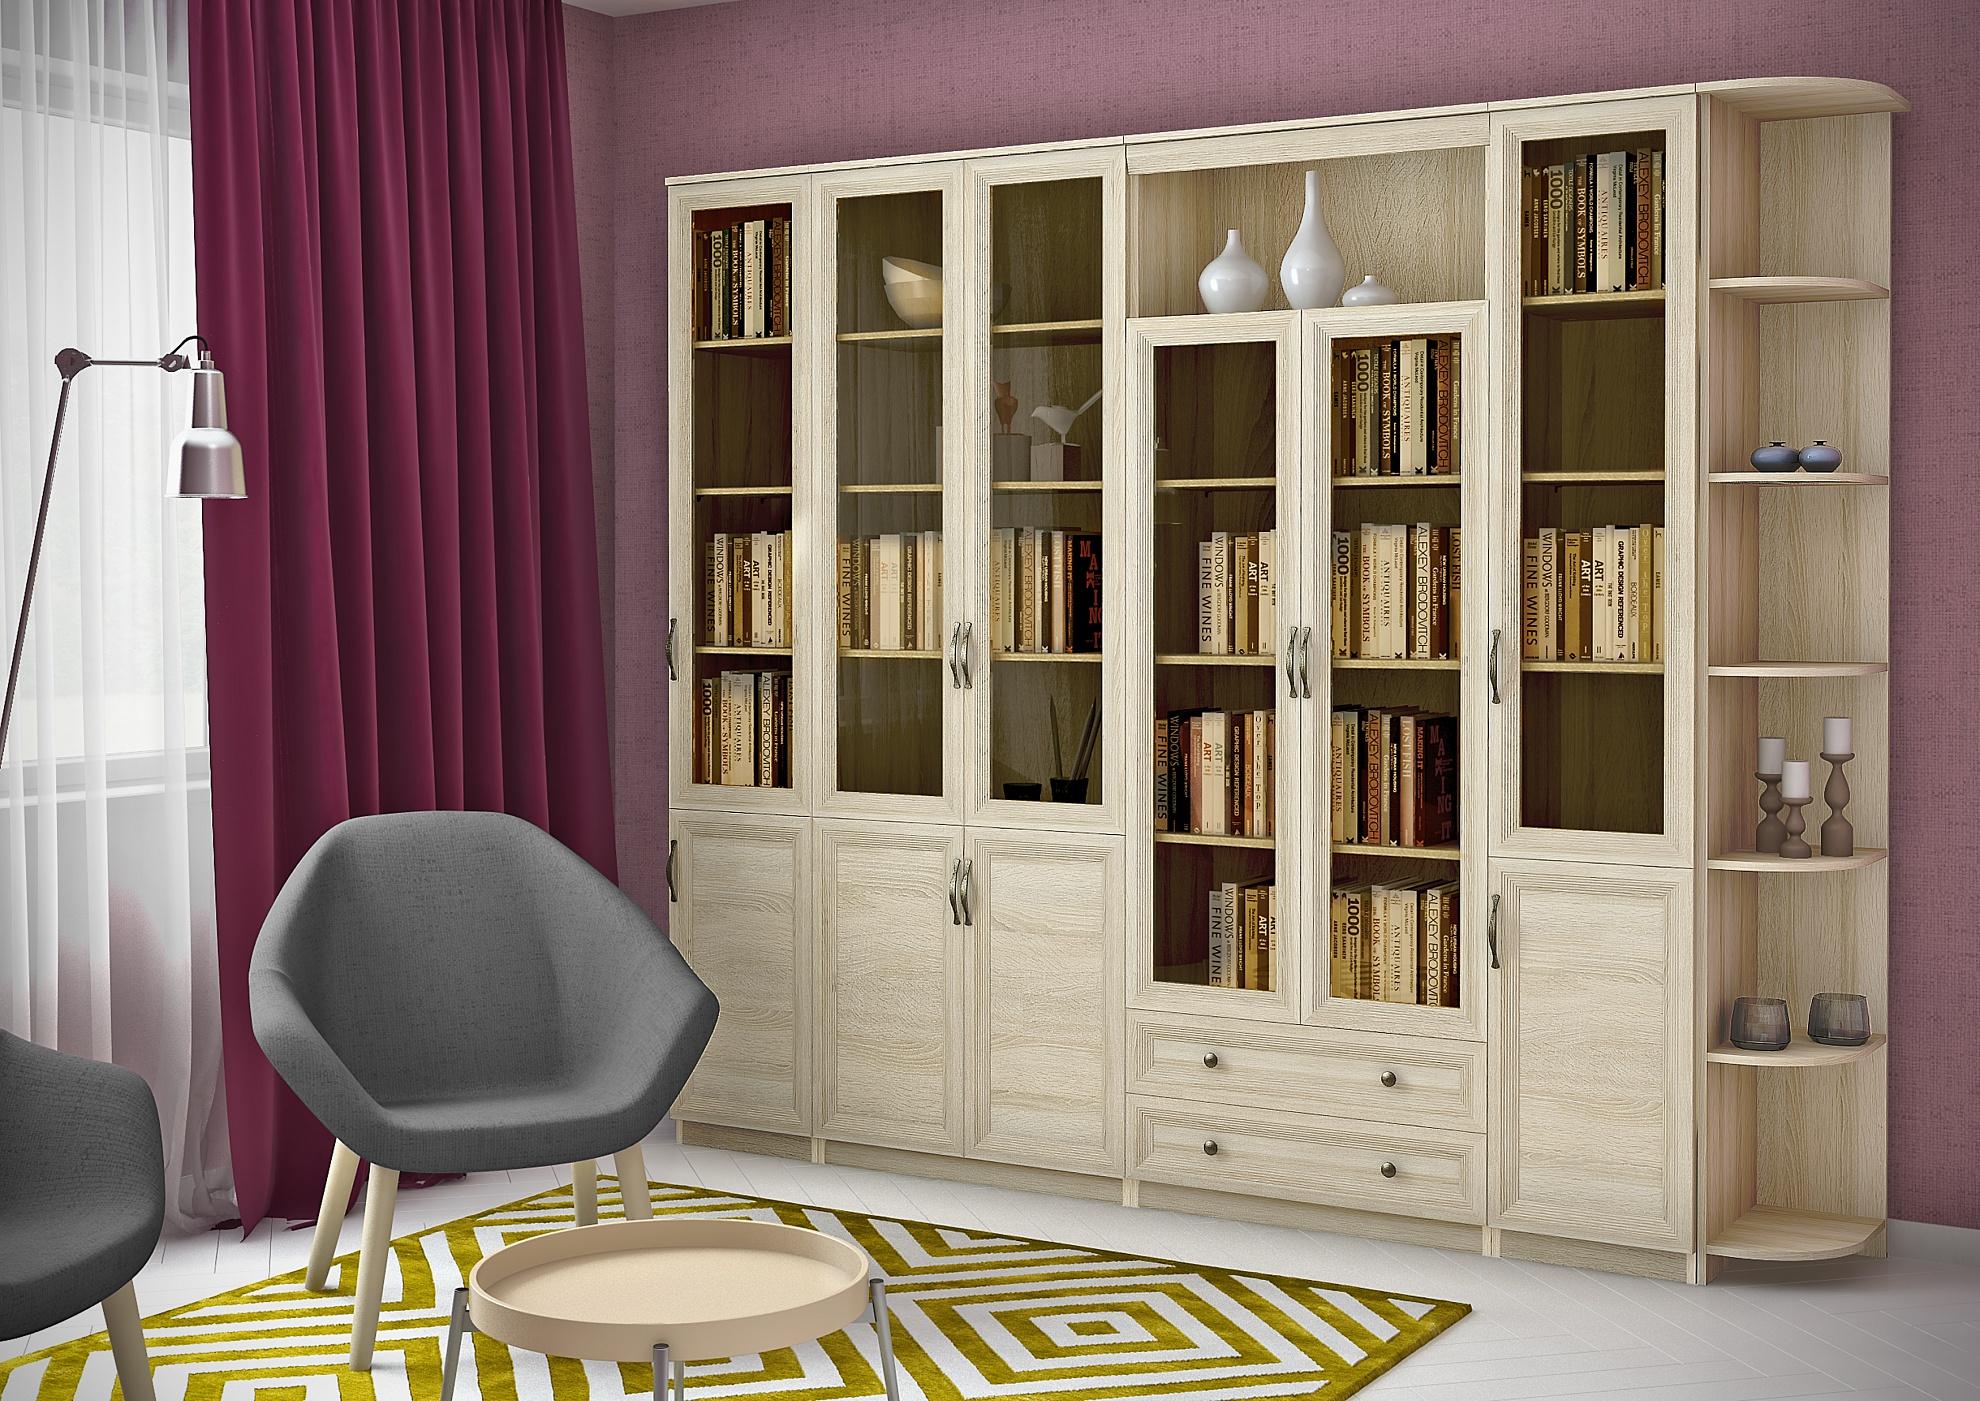 Библиотека лира 42 (дуб сонома) - цена: 44930 руб. купить не.